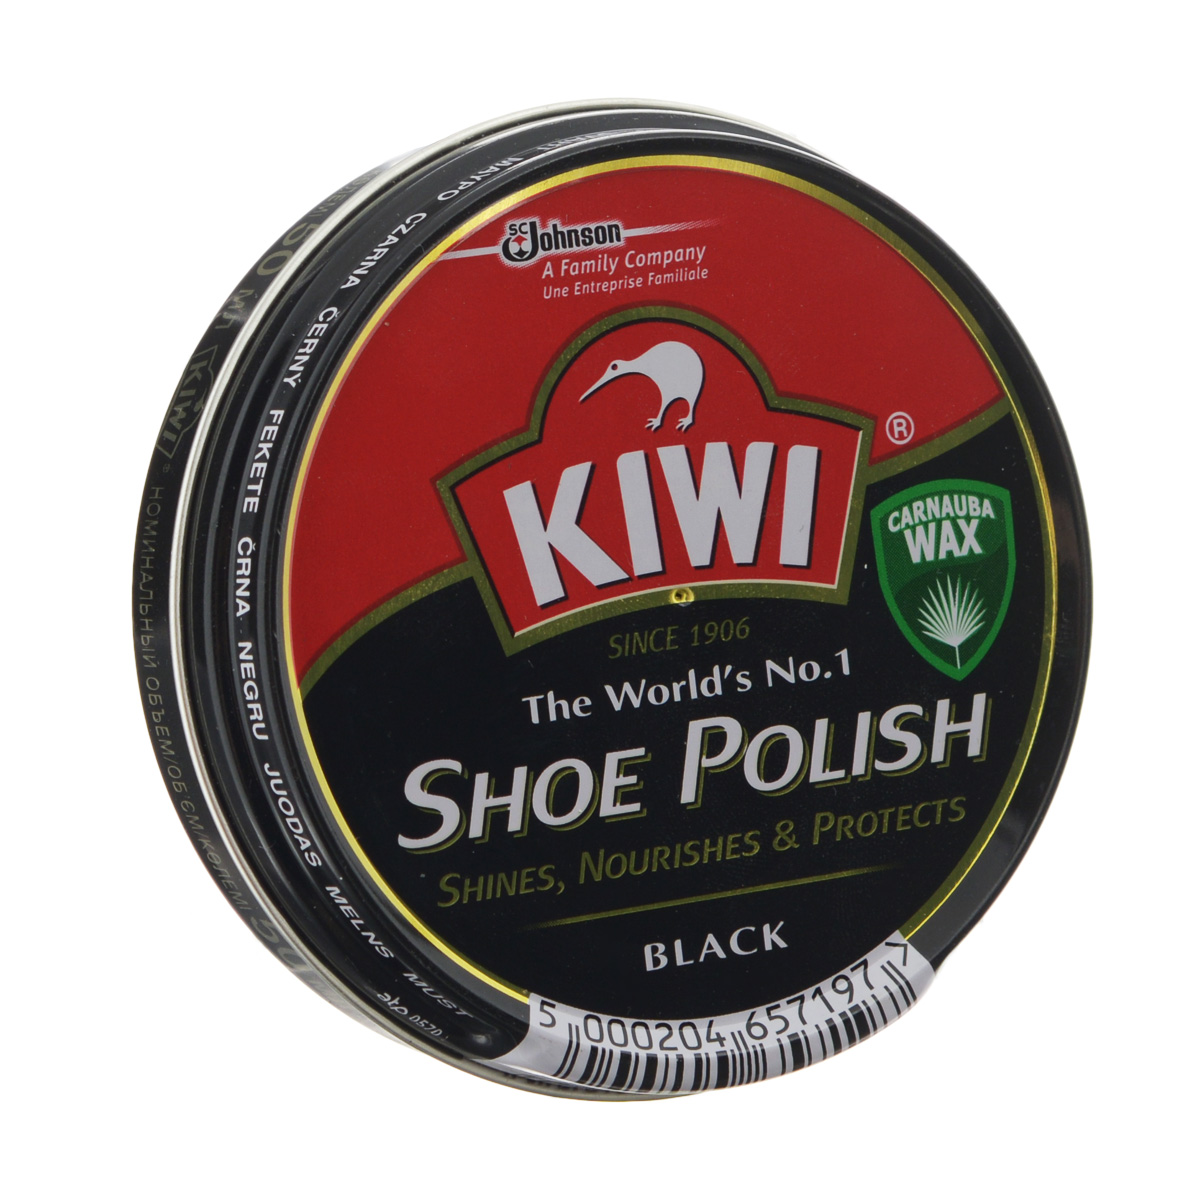 Крем для обуви Kiwi Shoe Polish, цвет: черный, 50 мл губка для обуви kiwi express shine с дозатором цвет прозрачный 7 мл